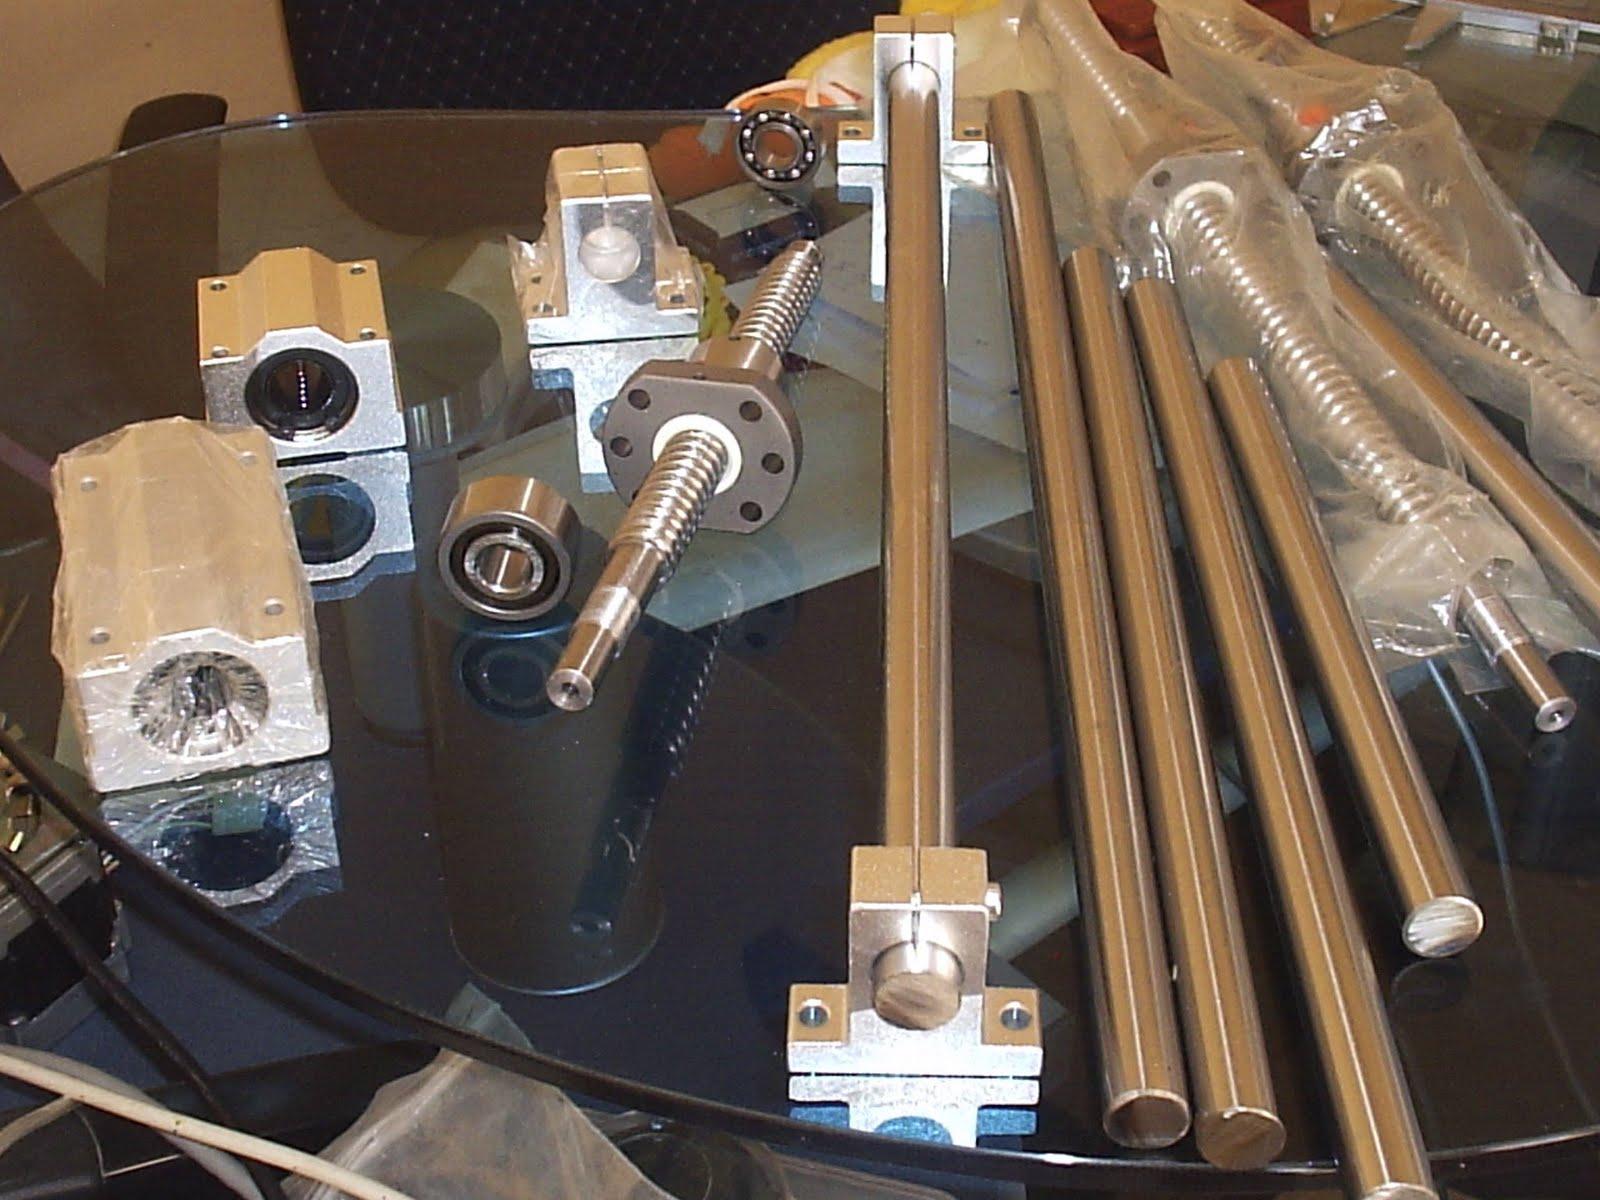 #8F693C venta de partes y accesorios para fabricar cnc router husillos de  860 Maquina De Fabricar Janela De Aluminio